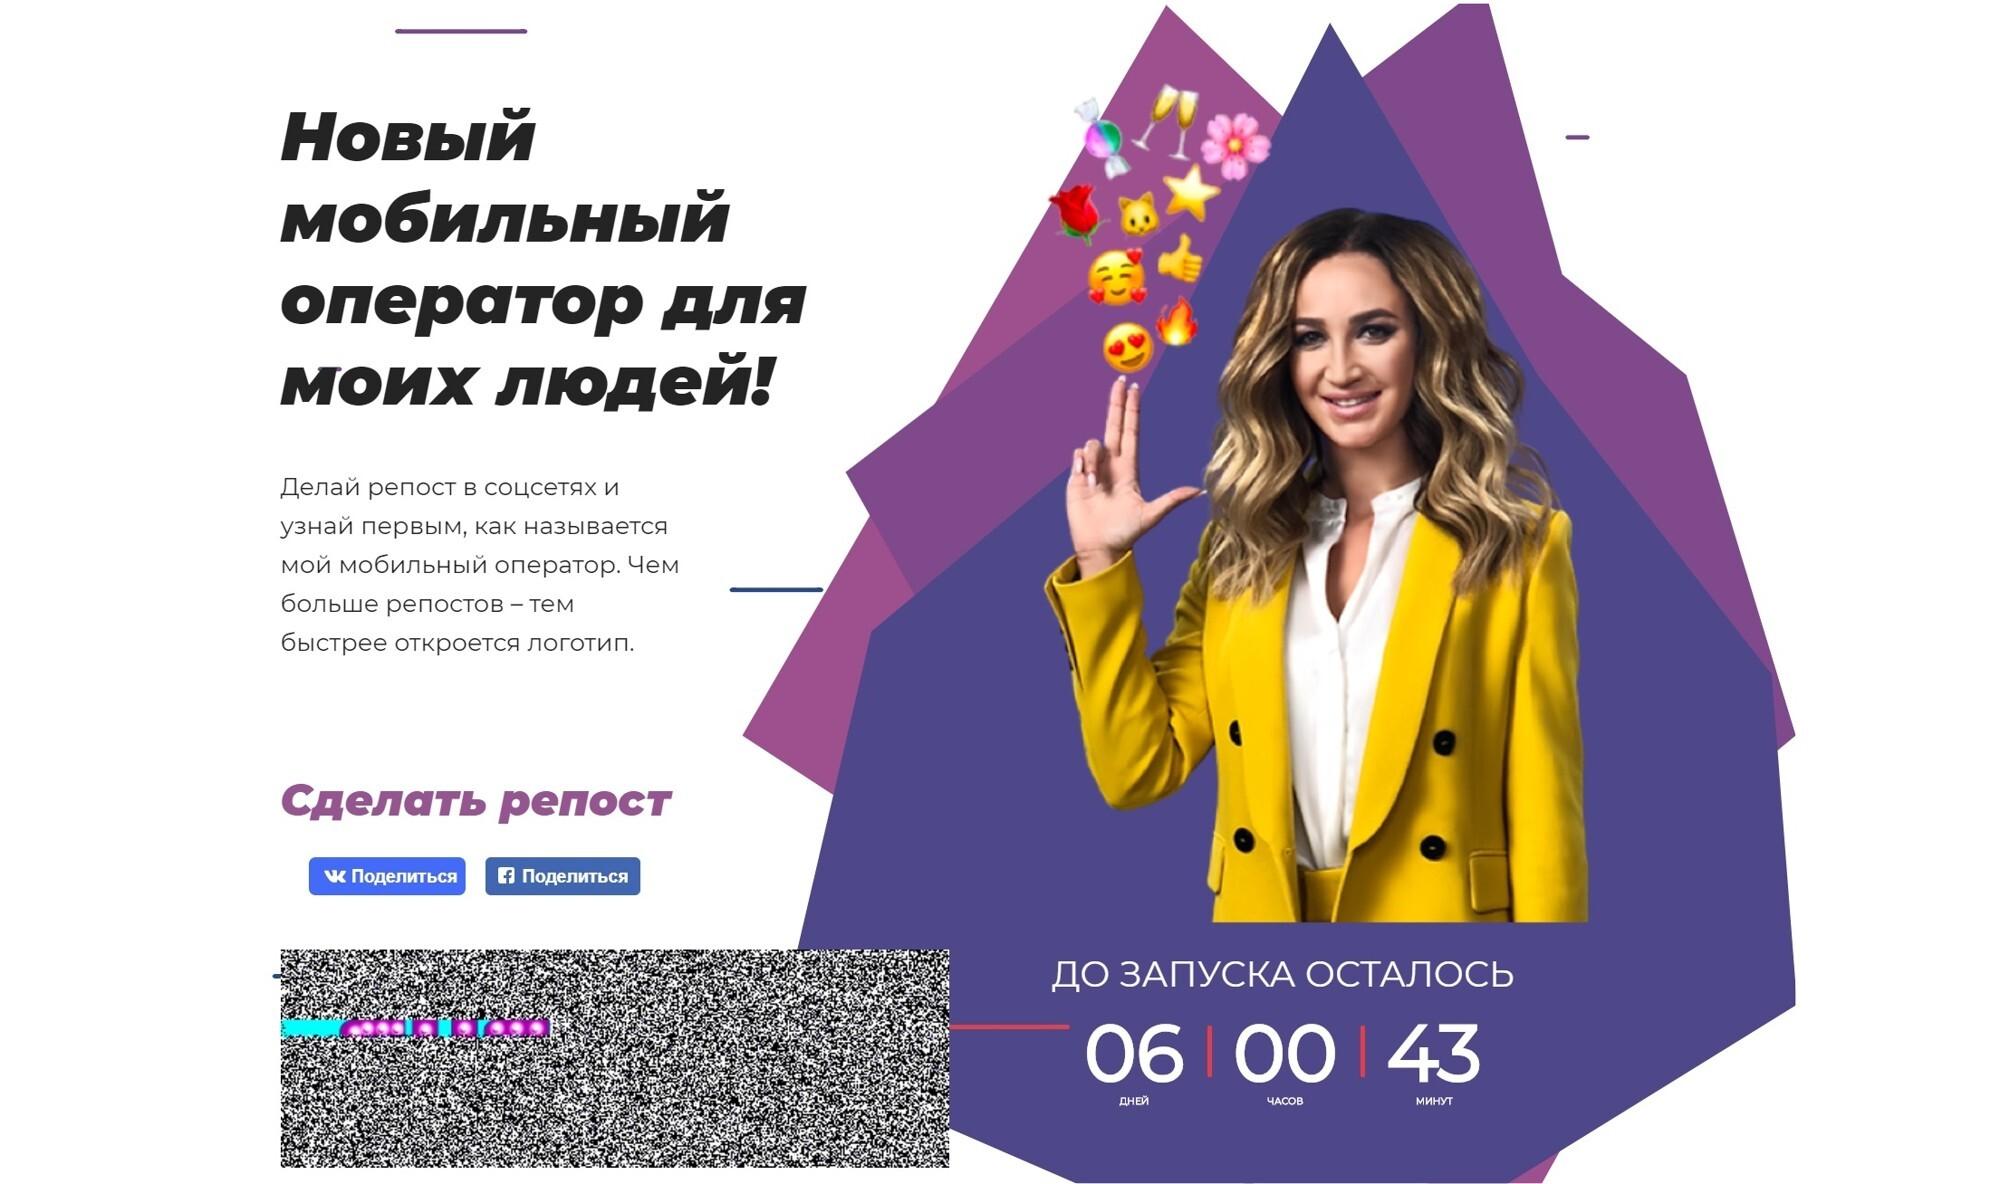 Ольга Бузова объявила о запуске собственного мобильного оператора